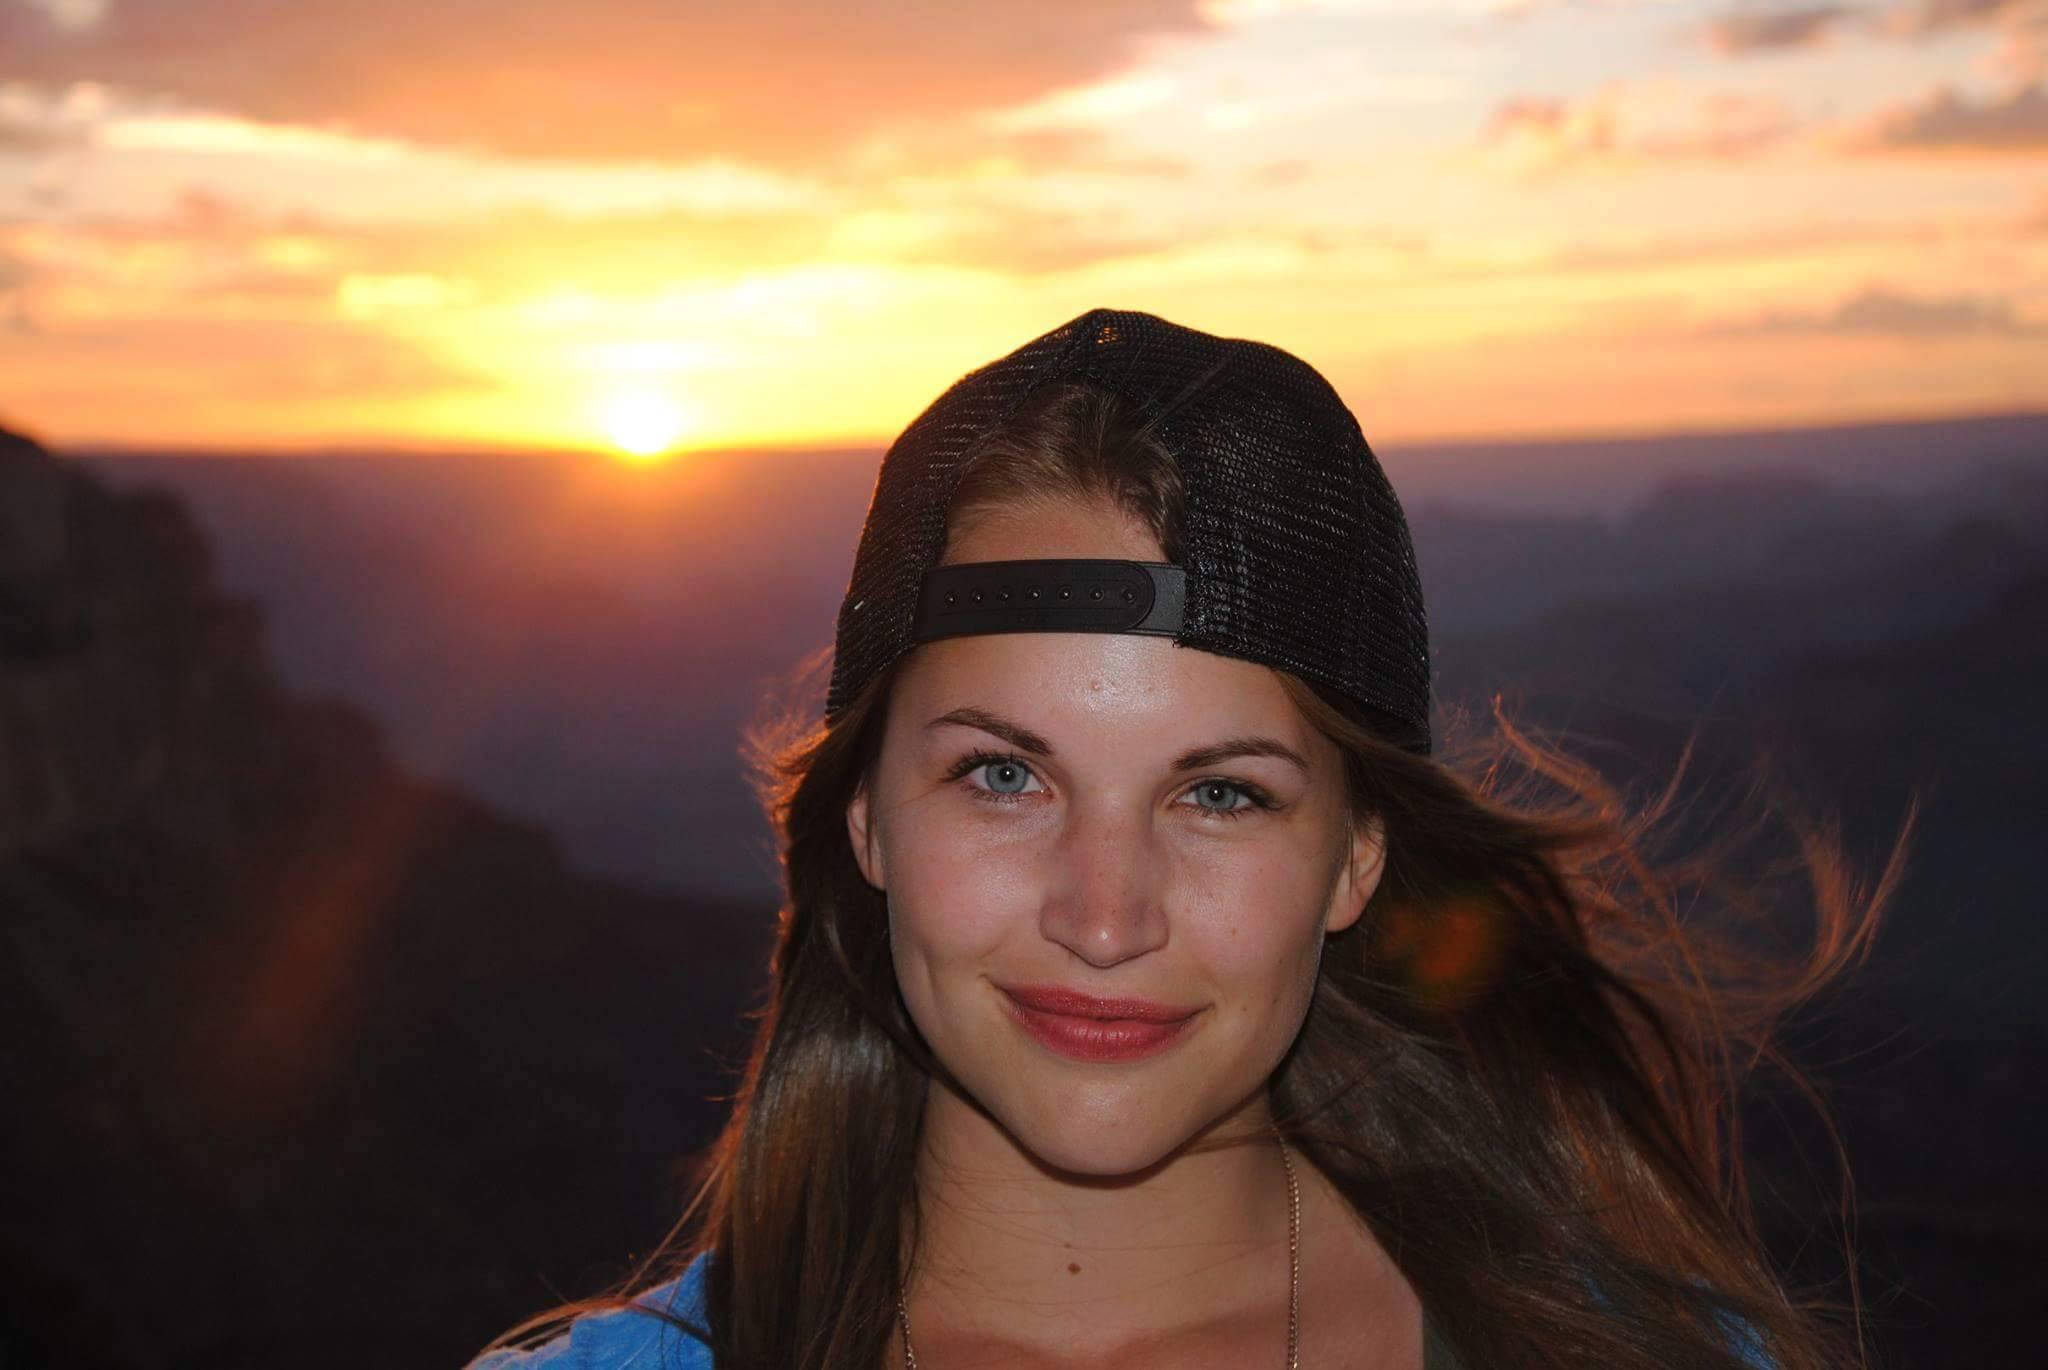 Viktoria aus Frankfurt (Oder) Haarfarbe: braun (hell), Augenfarbe: blau-grau, Gr��e: 168, Deutsch: 0, Englisch: , Franz�sisch: , Spanisch: